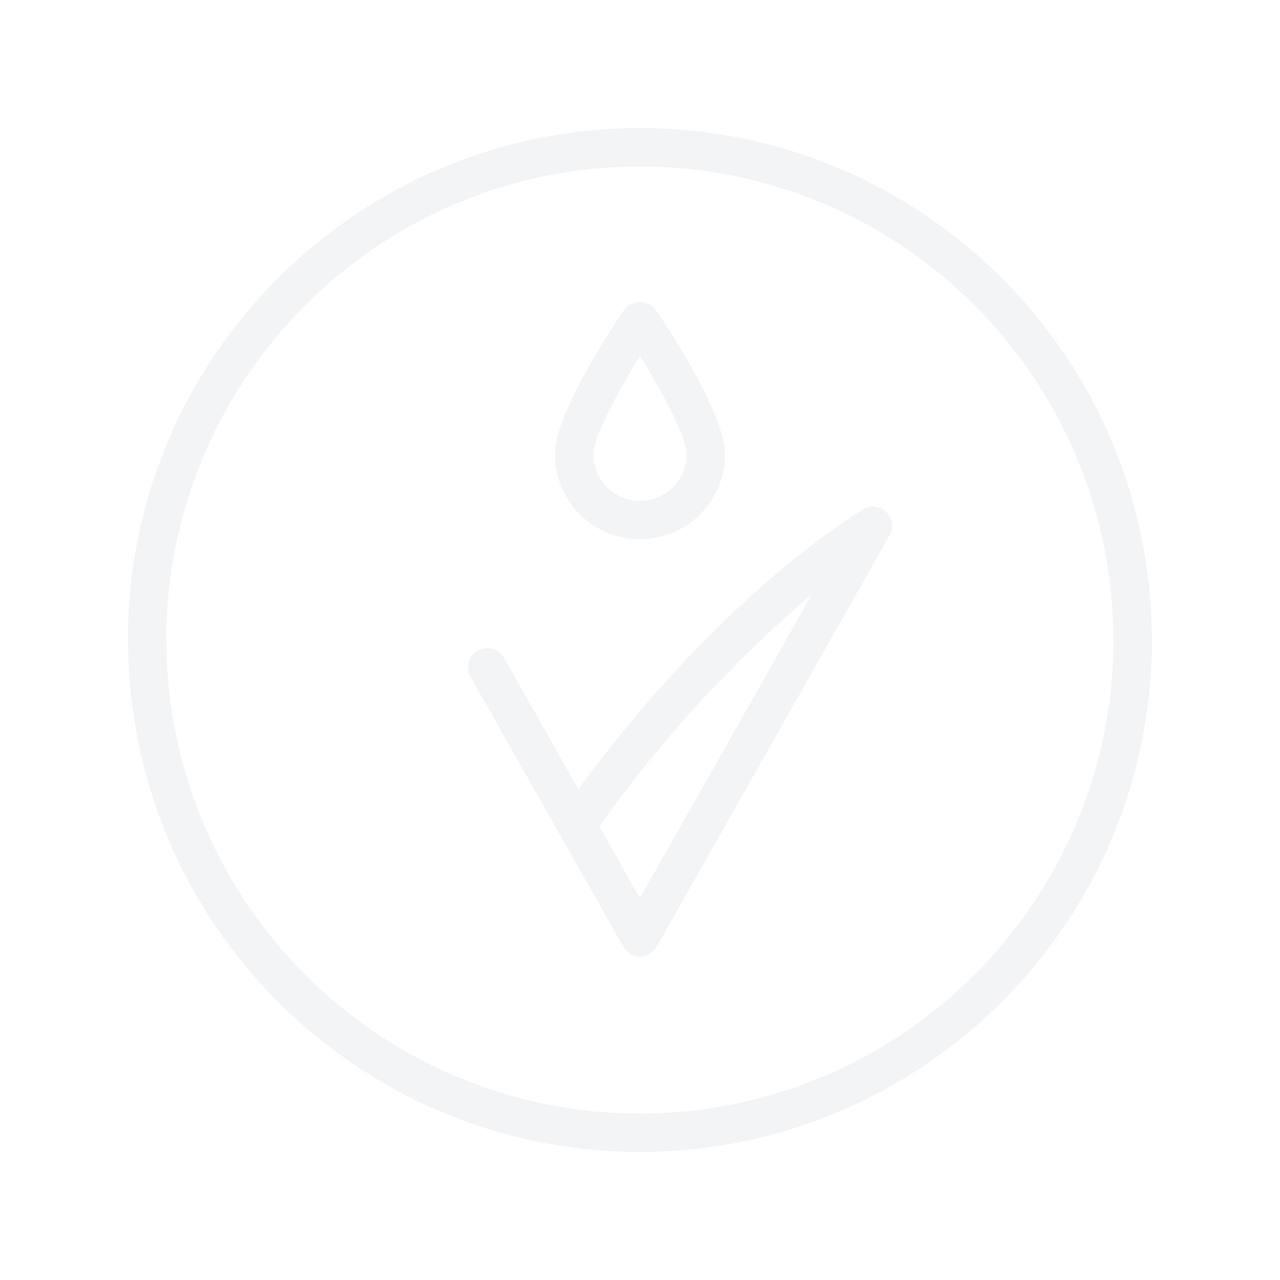 JOIK Sunny Pineapple Soap 100g